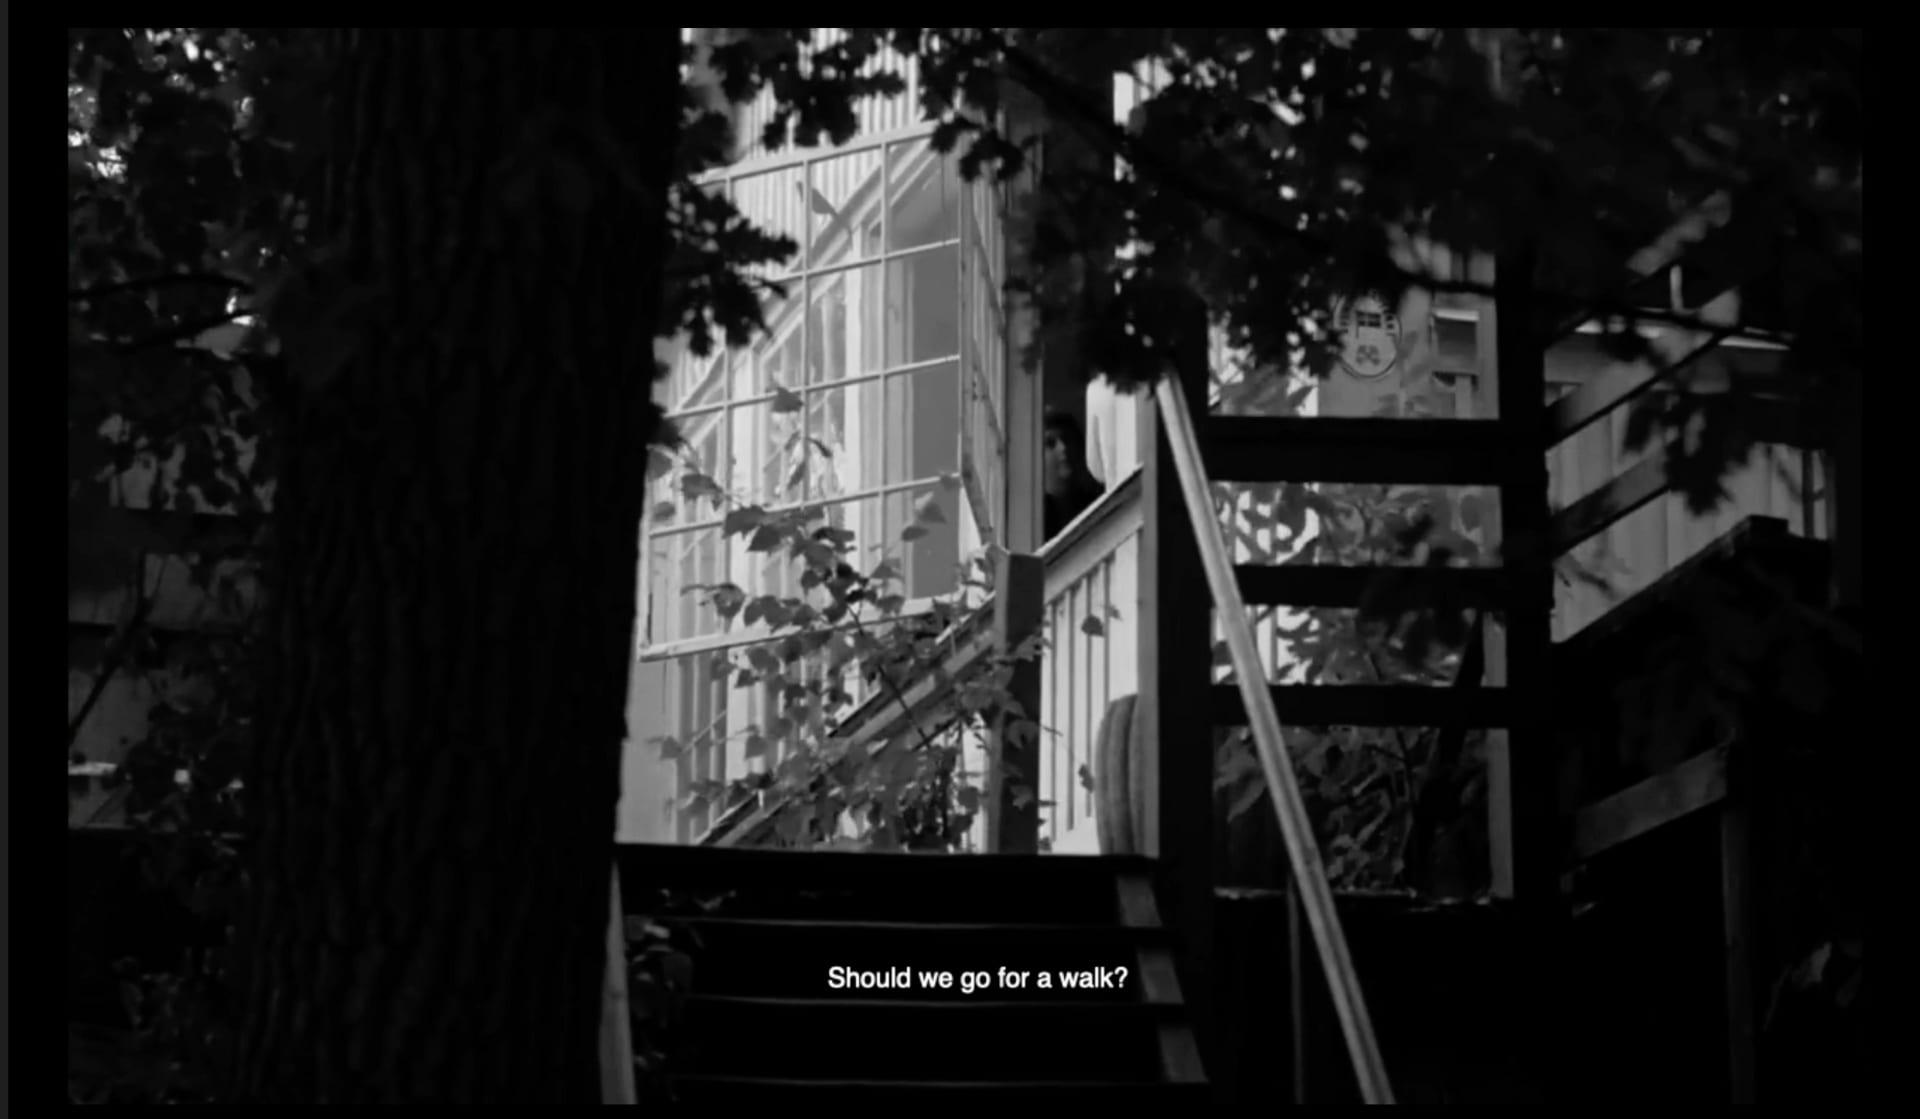 Film Still -  01:30 sec, Sweden,Malmö